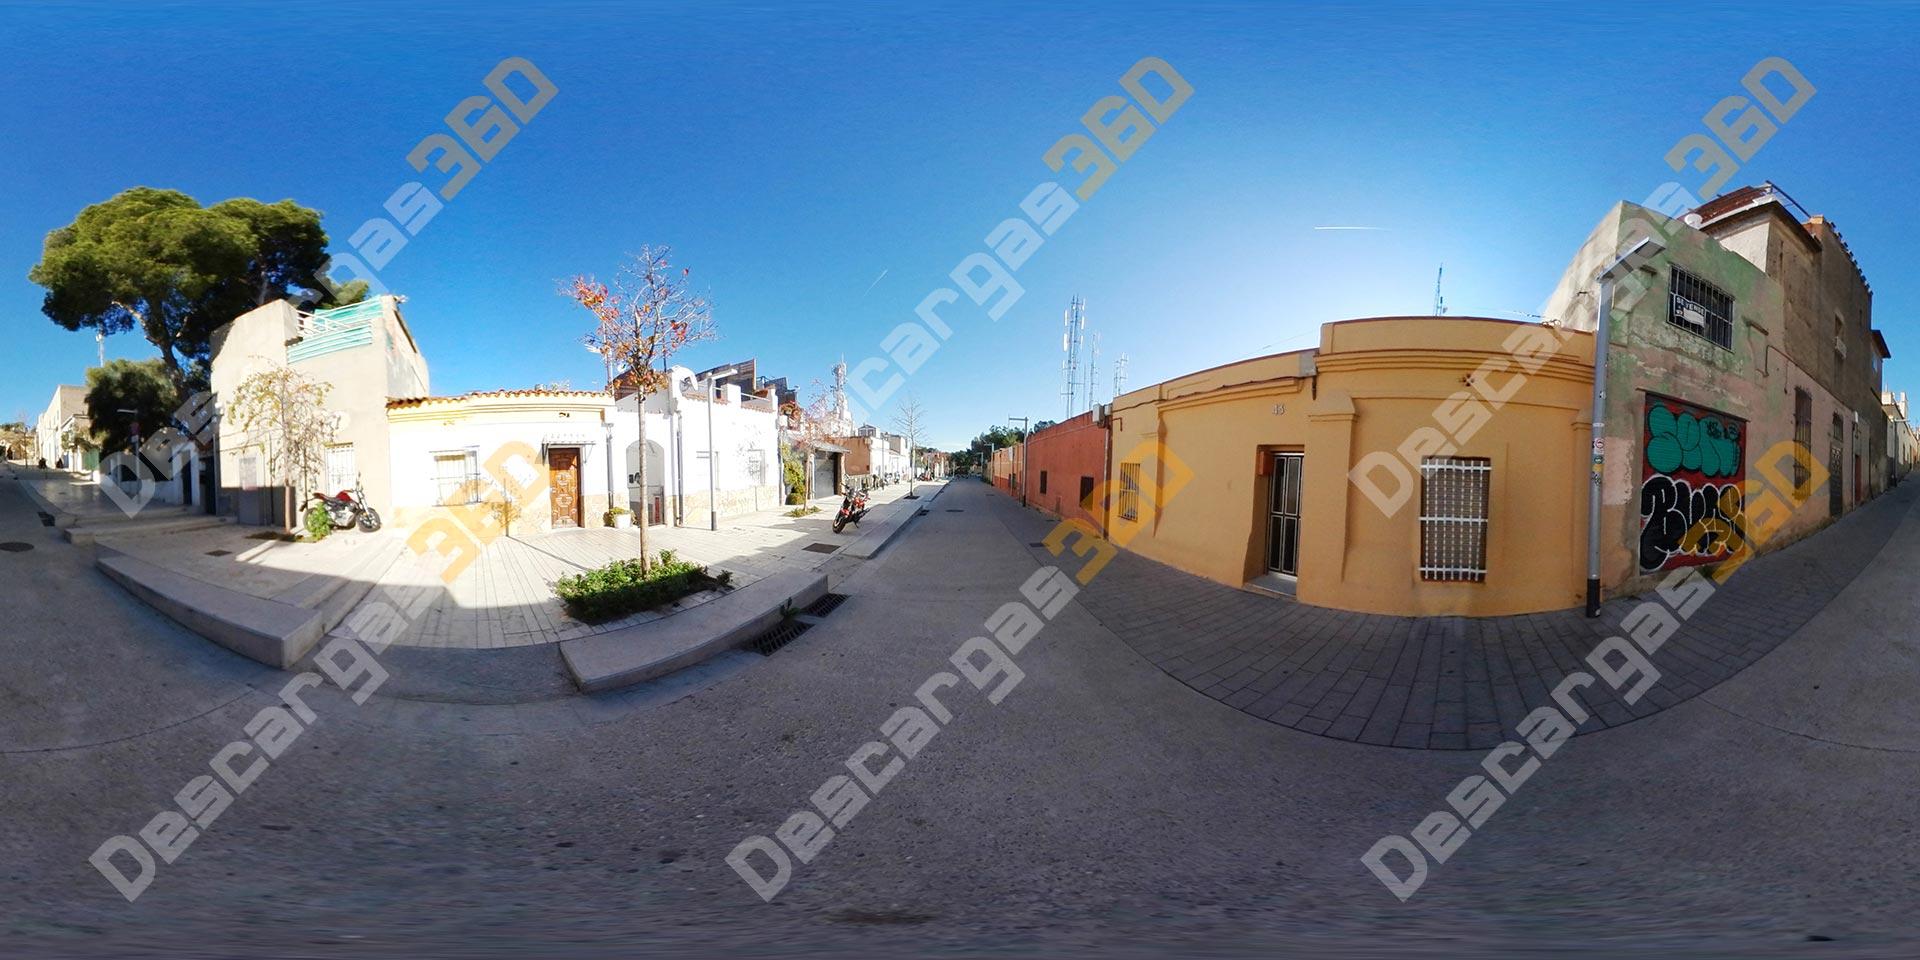 Calle-de-casas-bajas-360-Ciudad---Descargas360_preview